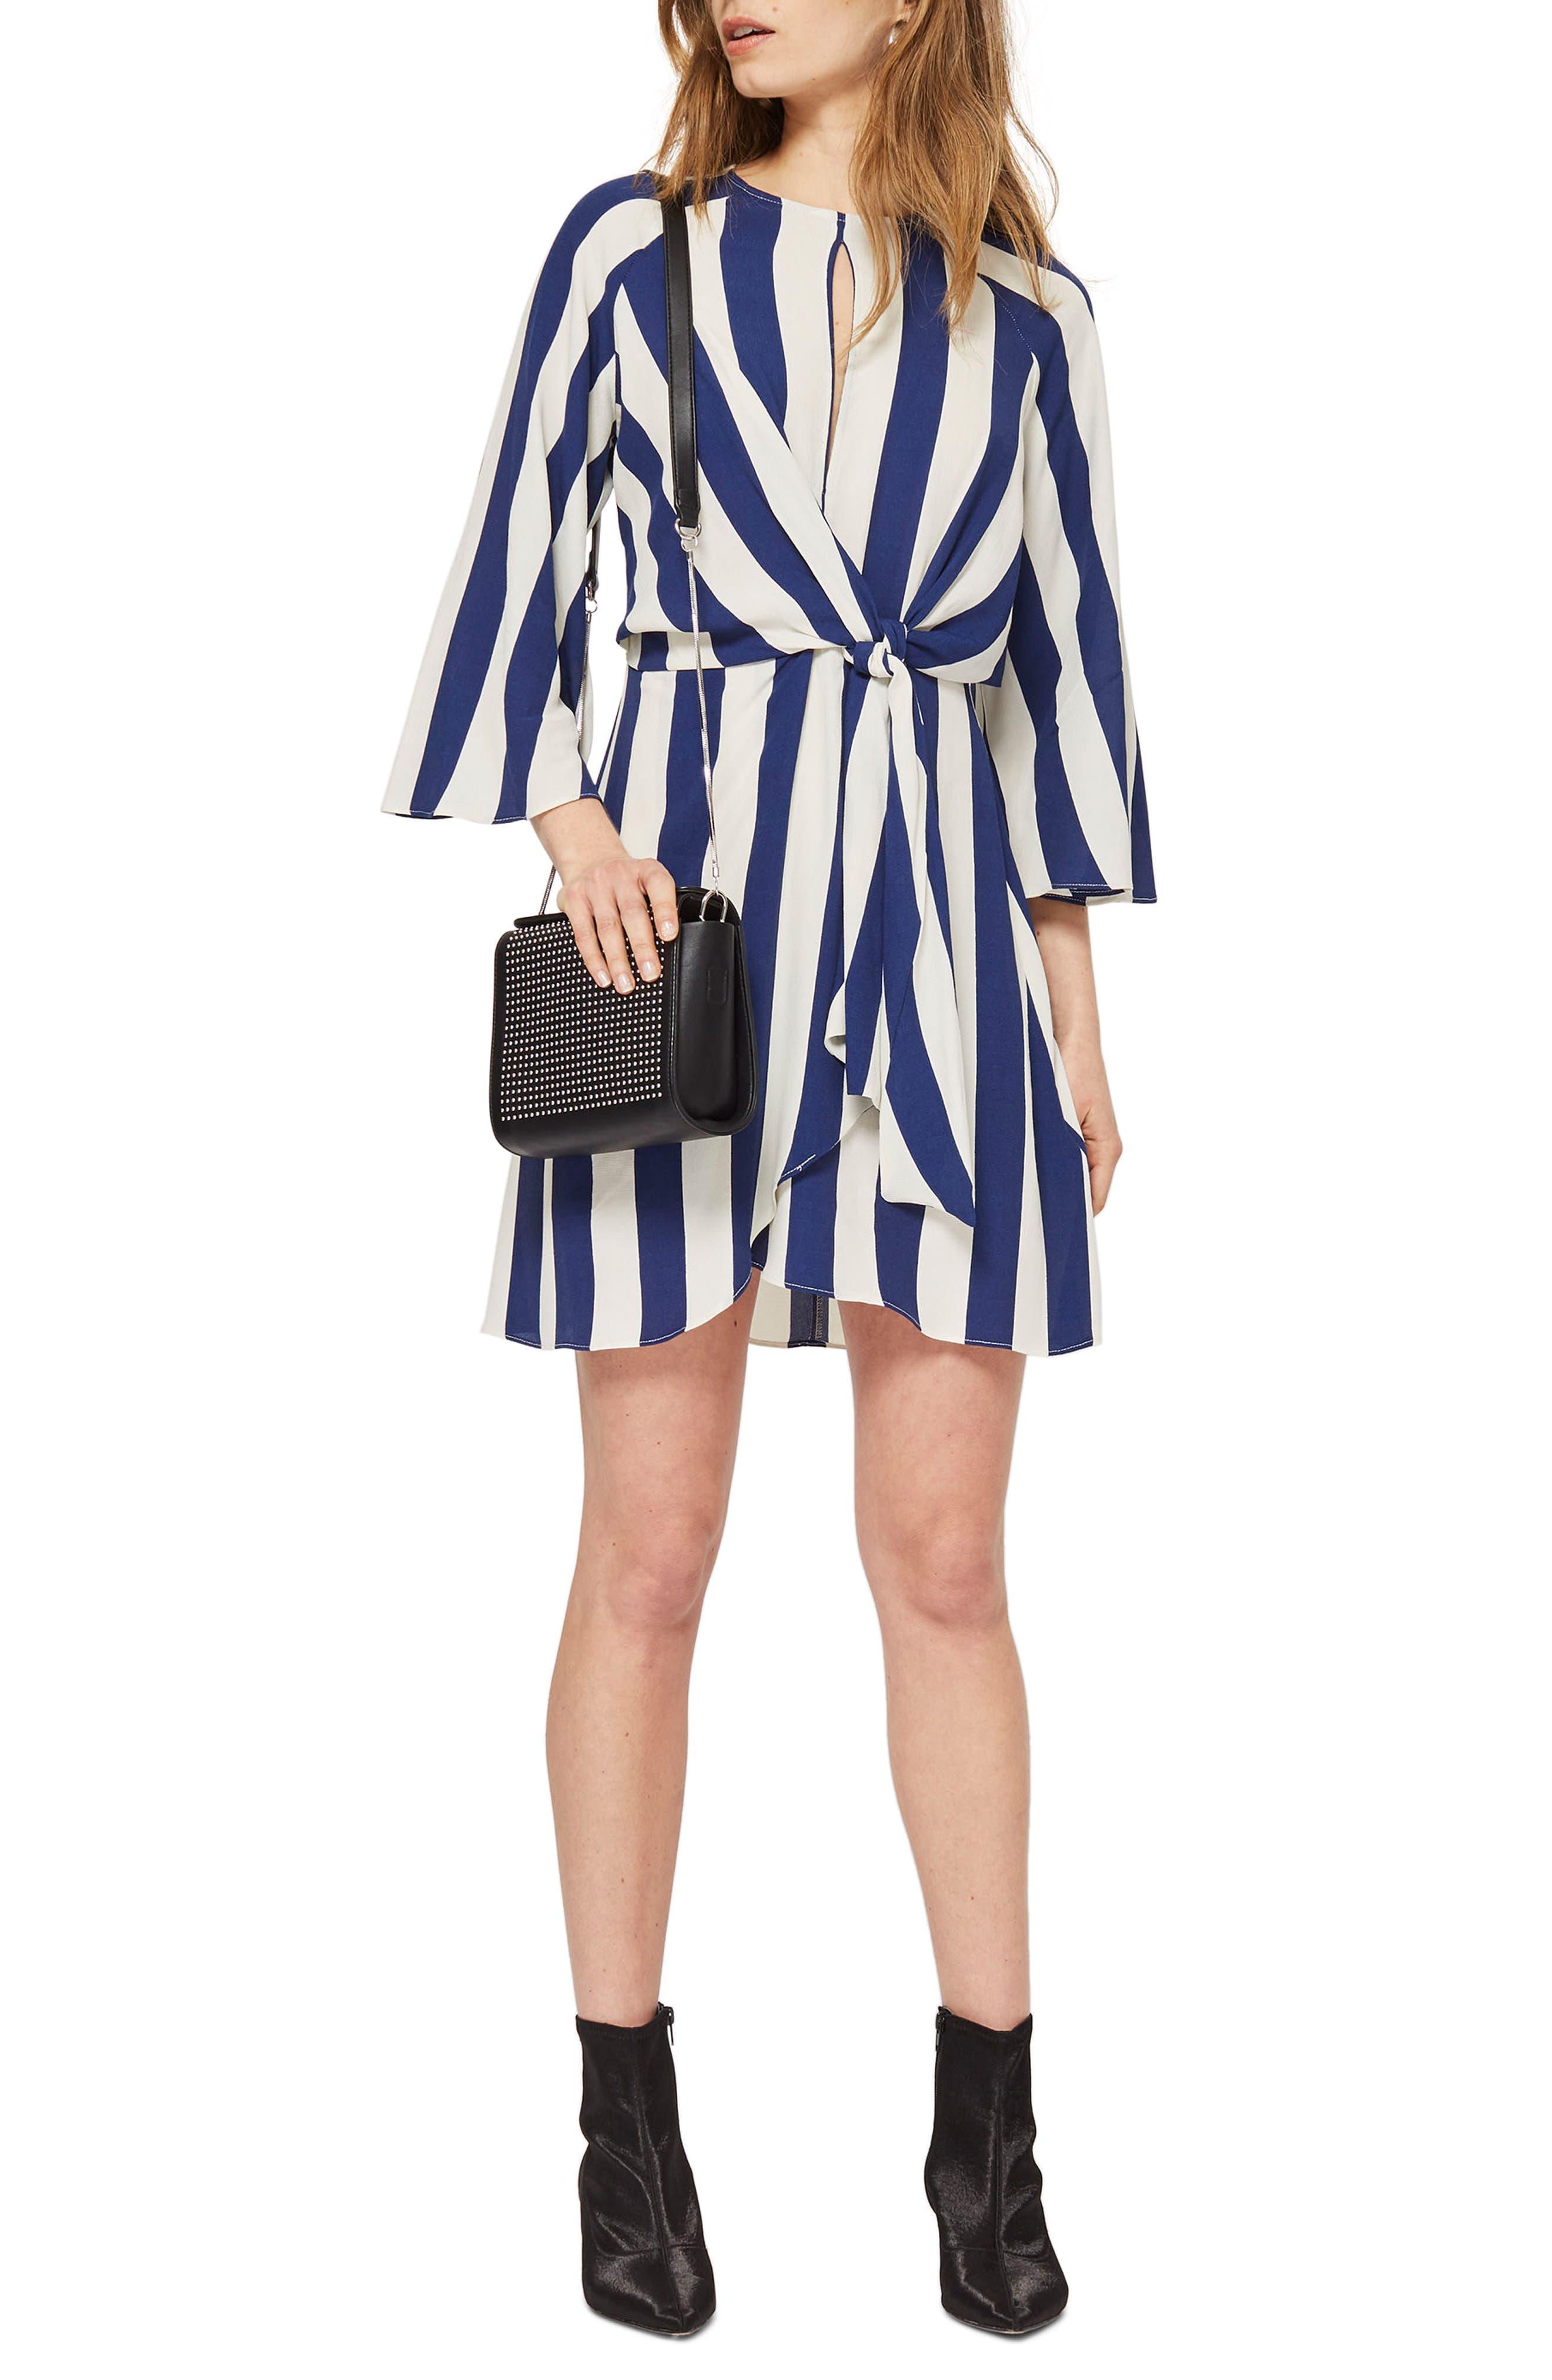 Humbug Stripe Knot Dress,                             Main thumbnail 1, color,                             Blue Multi